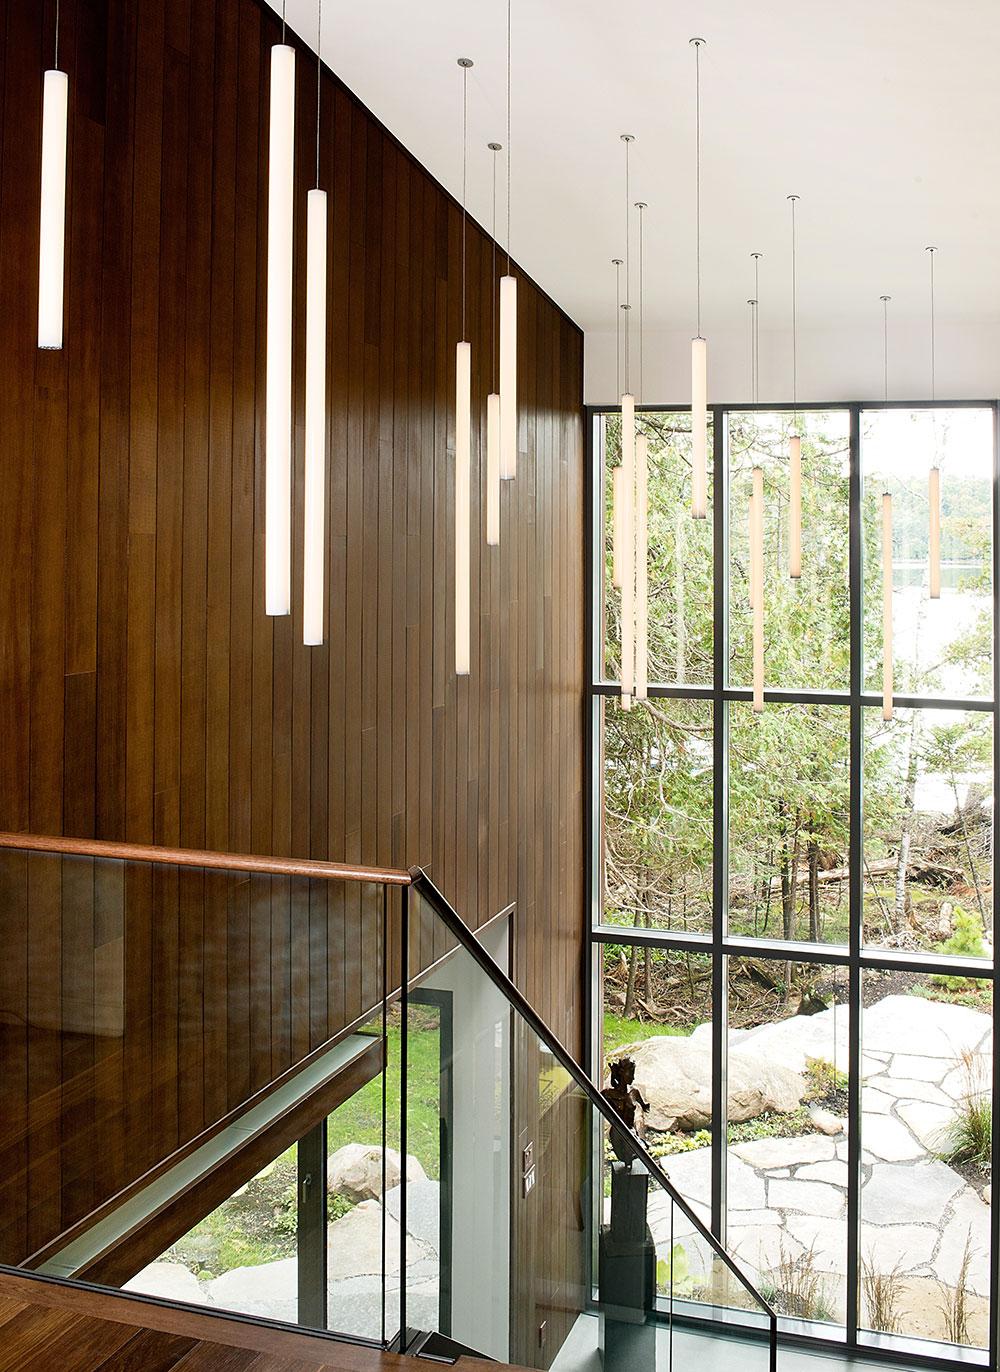 Escalier et vue sur le lac